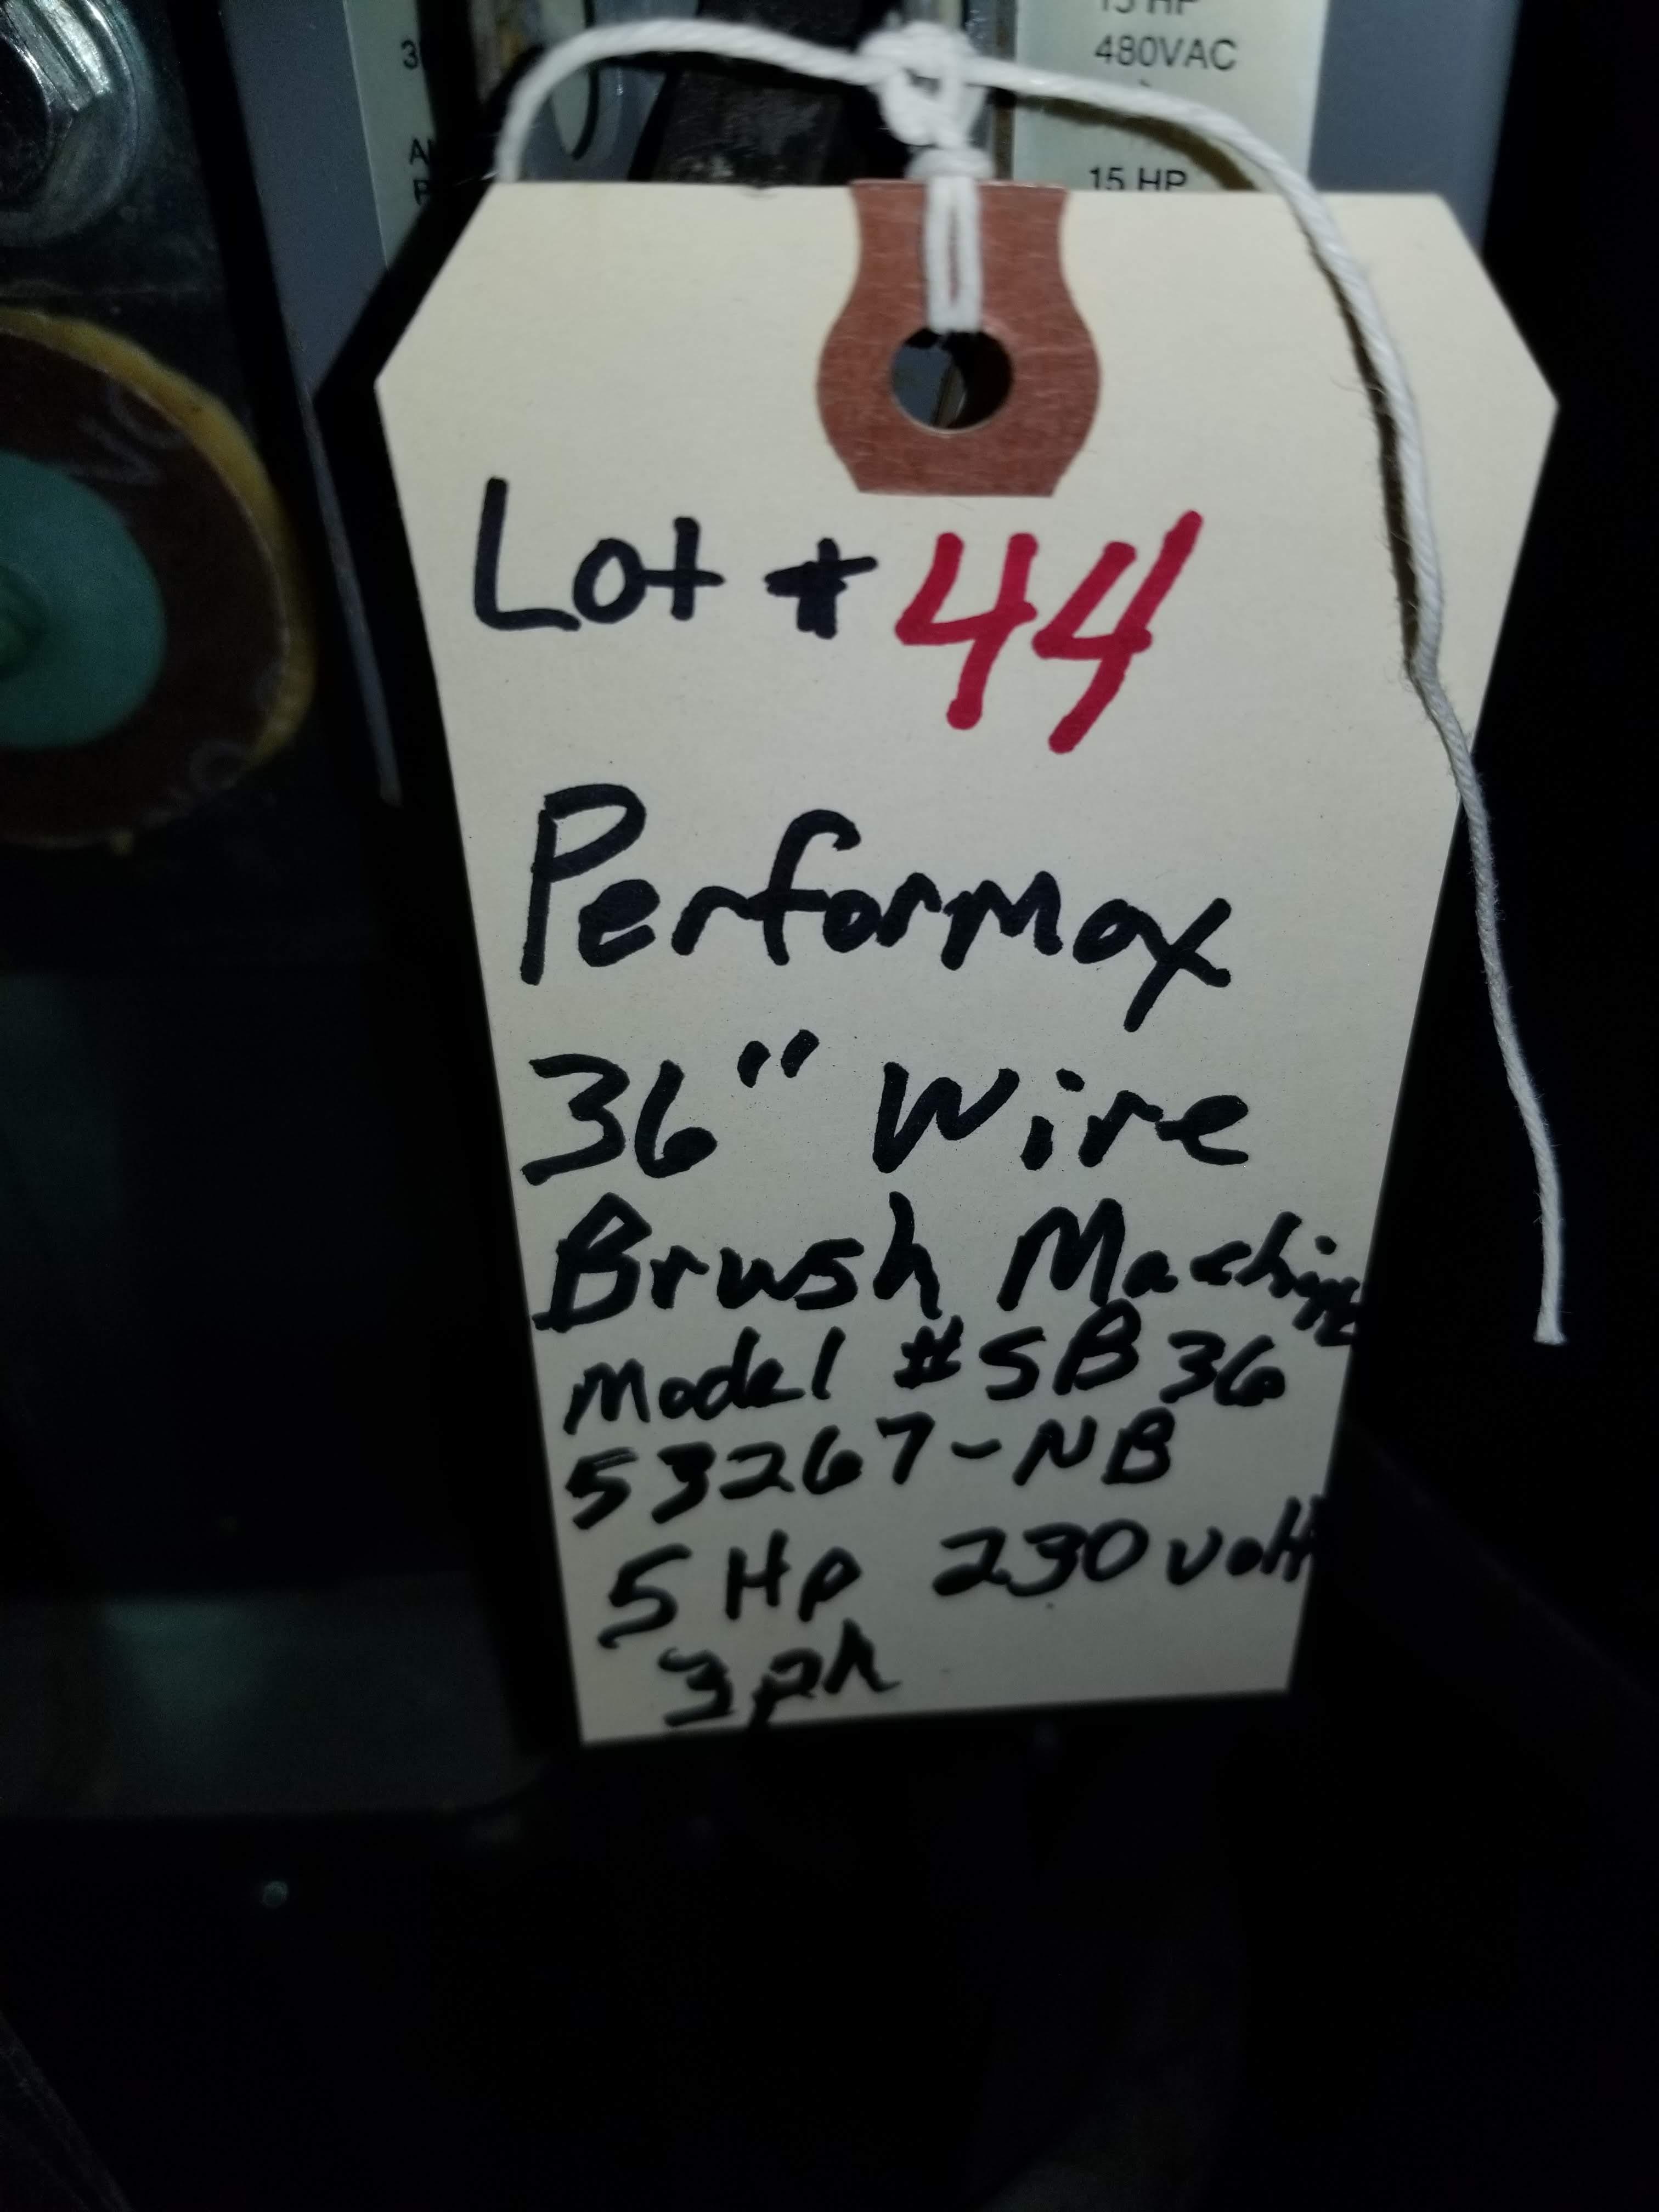 """Perormax 36"""" Wire Brush Machine Mo. #SB3653267-NB 5hp 230V 3ph No Brush - Image 5 of 5"""